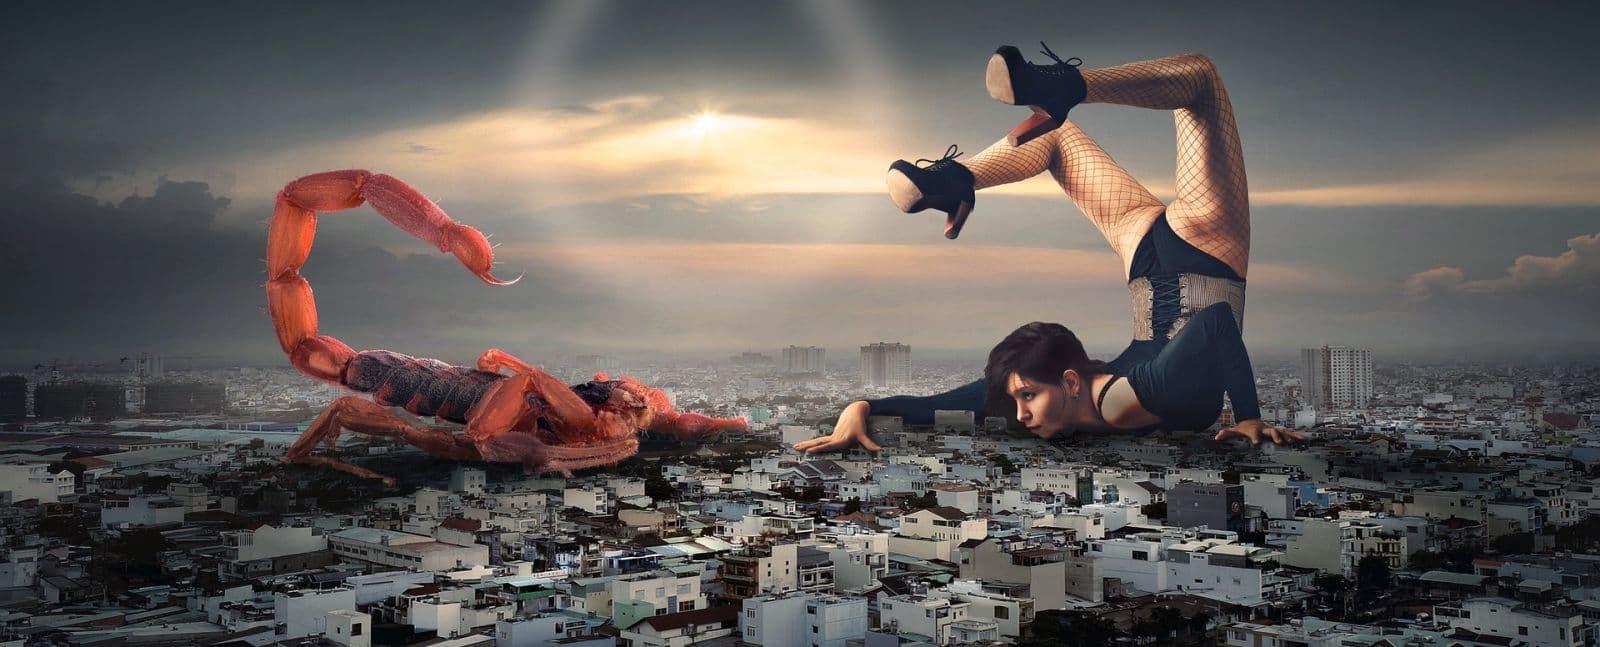 Сны для Скорпиона